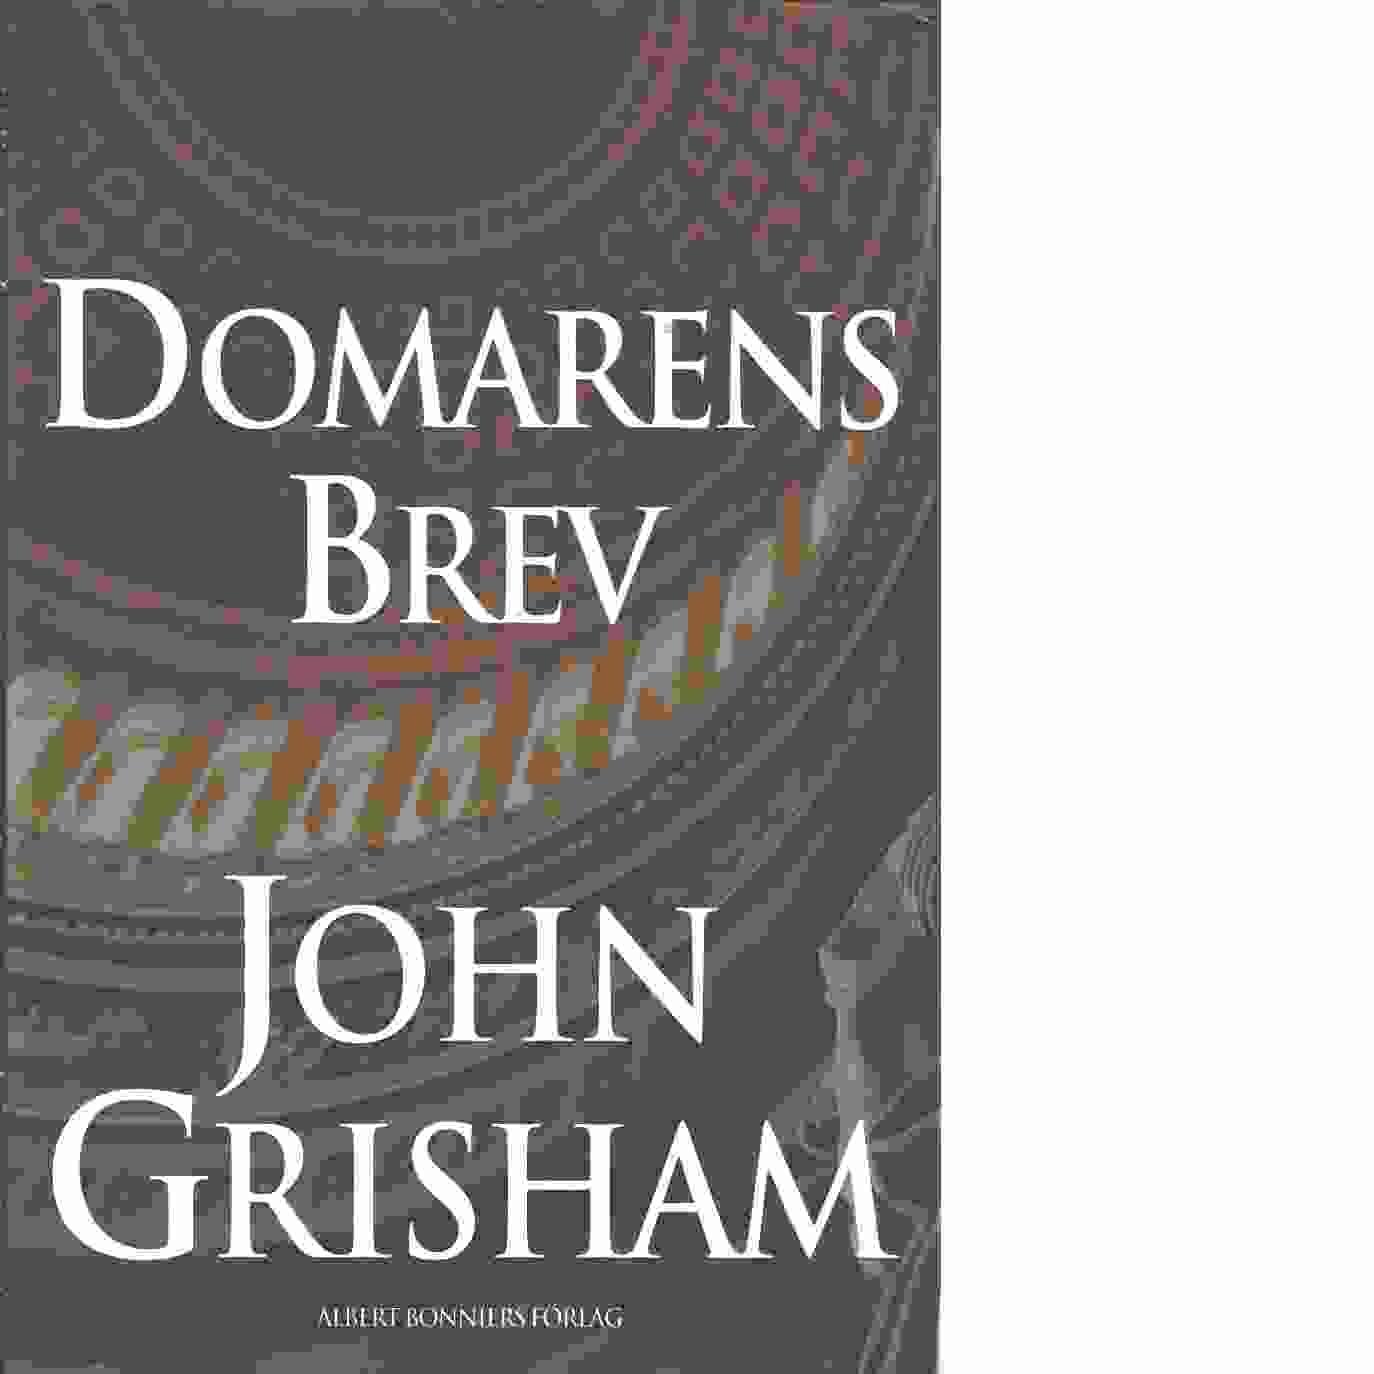 Domarens brev - Grisham, John